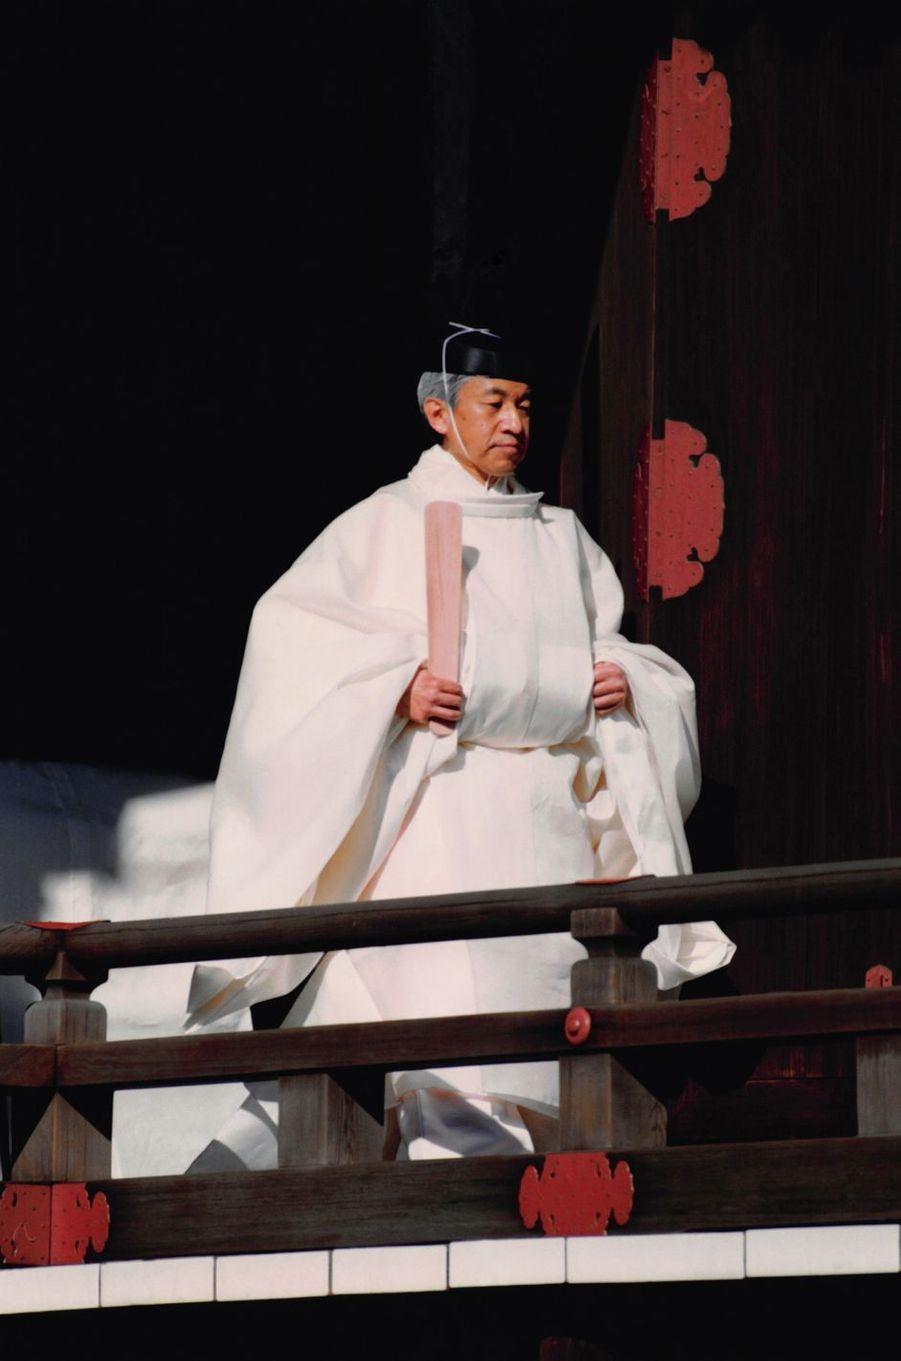 L'empereur Akihito du Japon, lors de son intronisation, le 12 novembre 1990